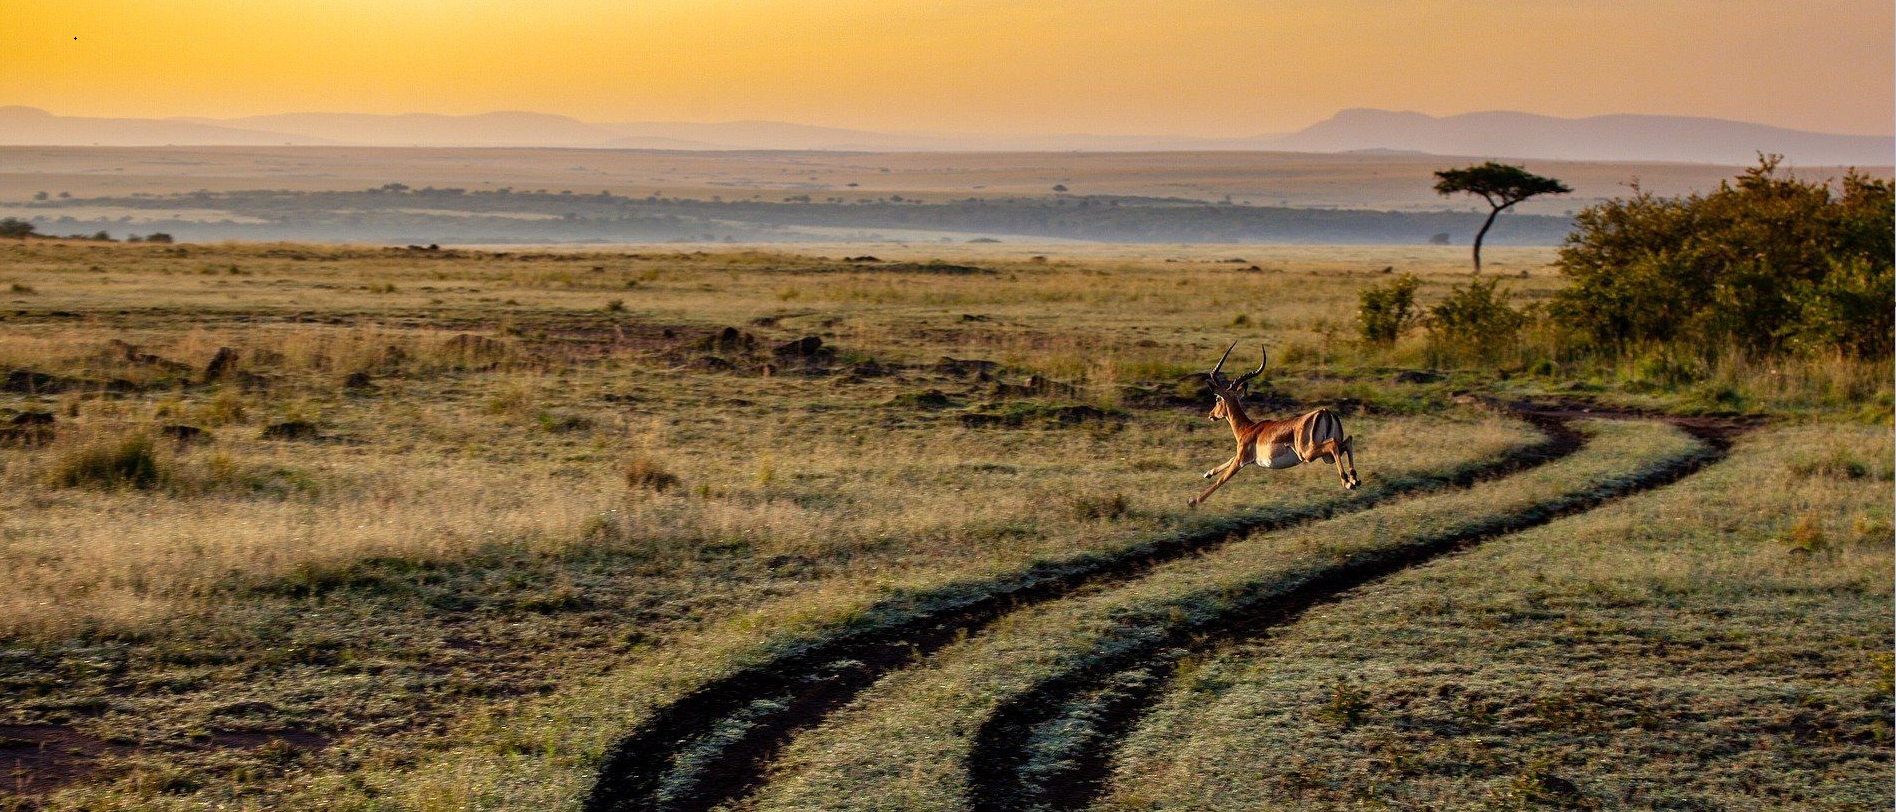 Antilope rennt durch Landschaft in Afrika